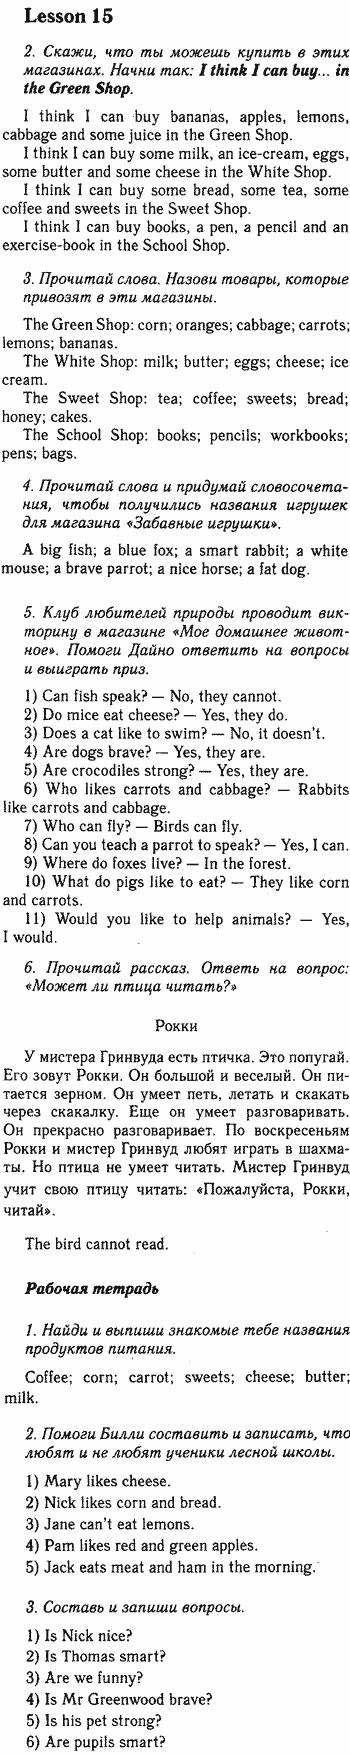 английский язык 3 рабочая тетрадь биболетова ответы